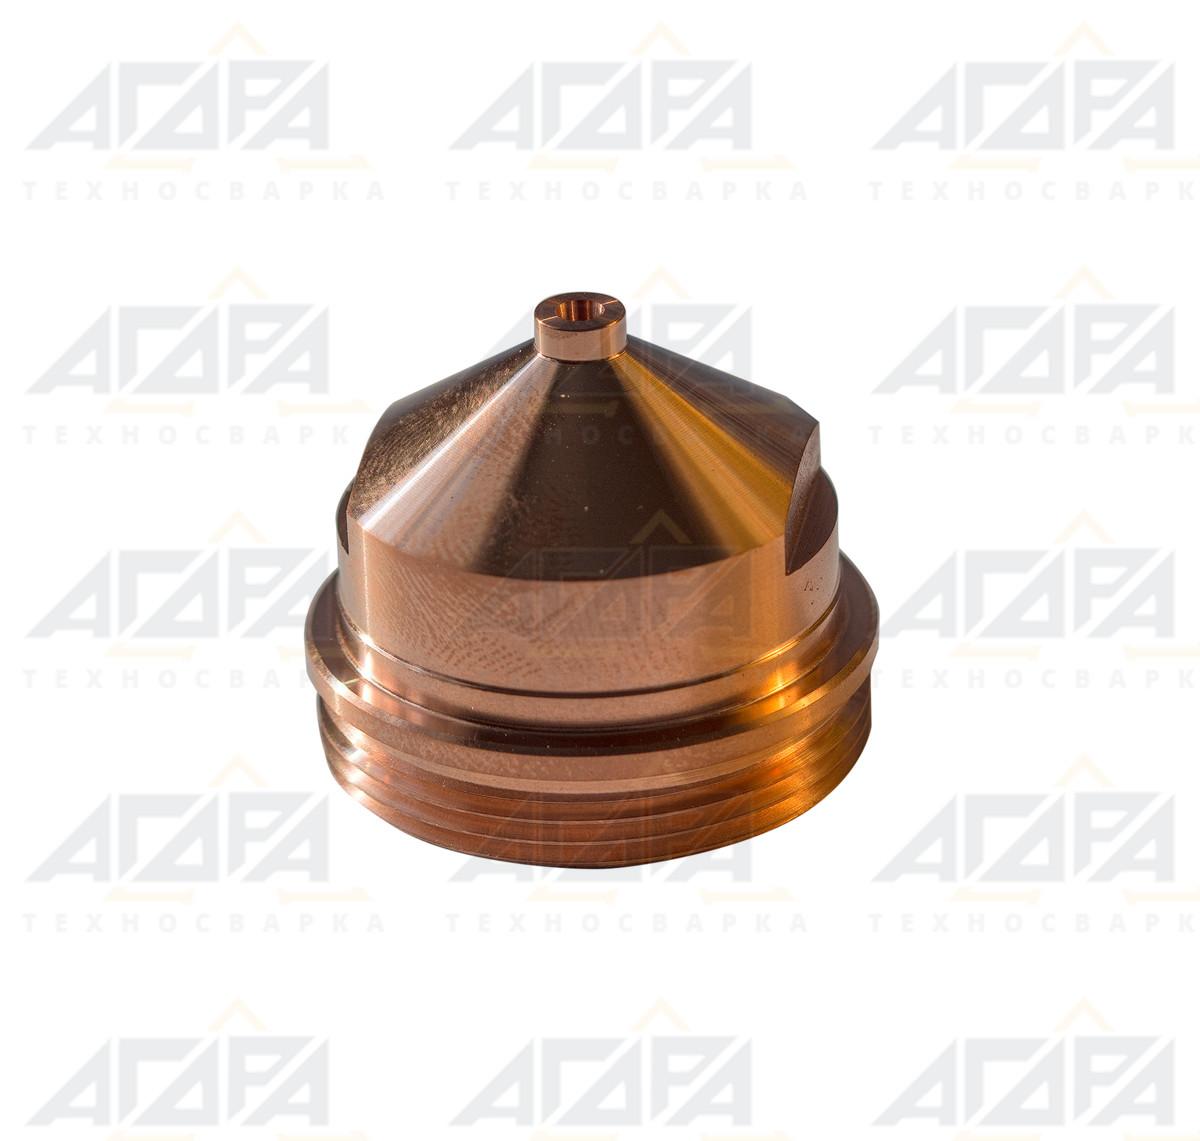 Hypertherm Сопло/Nozzle 220237 200А оригинал (OEM)